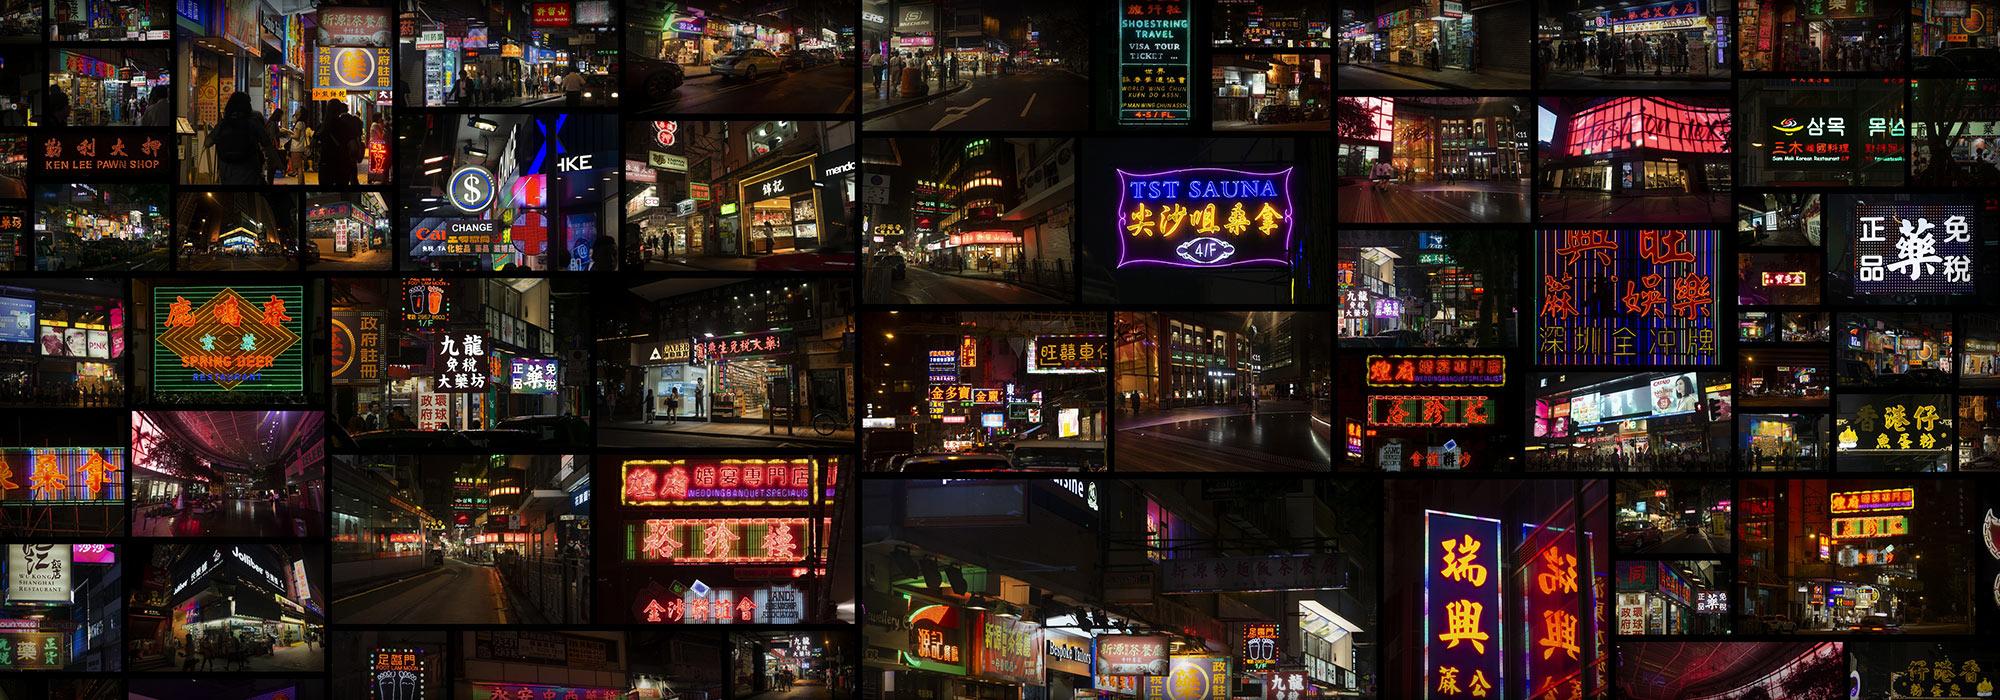 香港赛博朋克 Hong Kong Cyberpunk